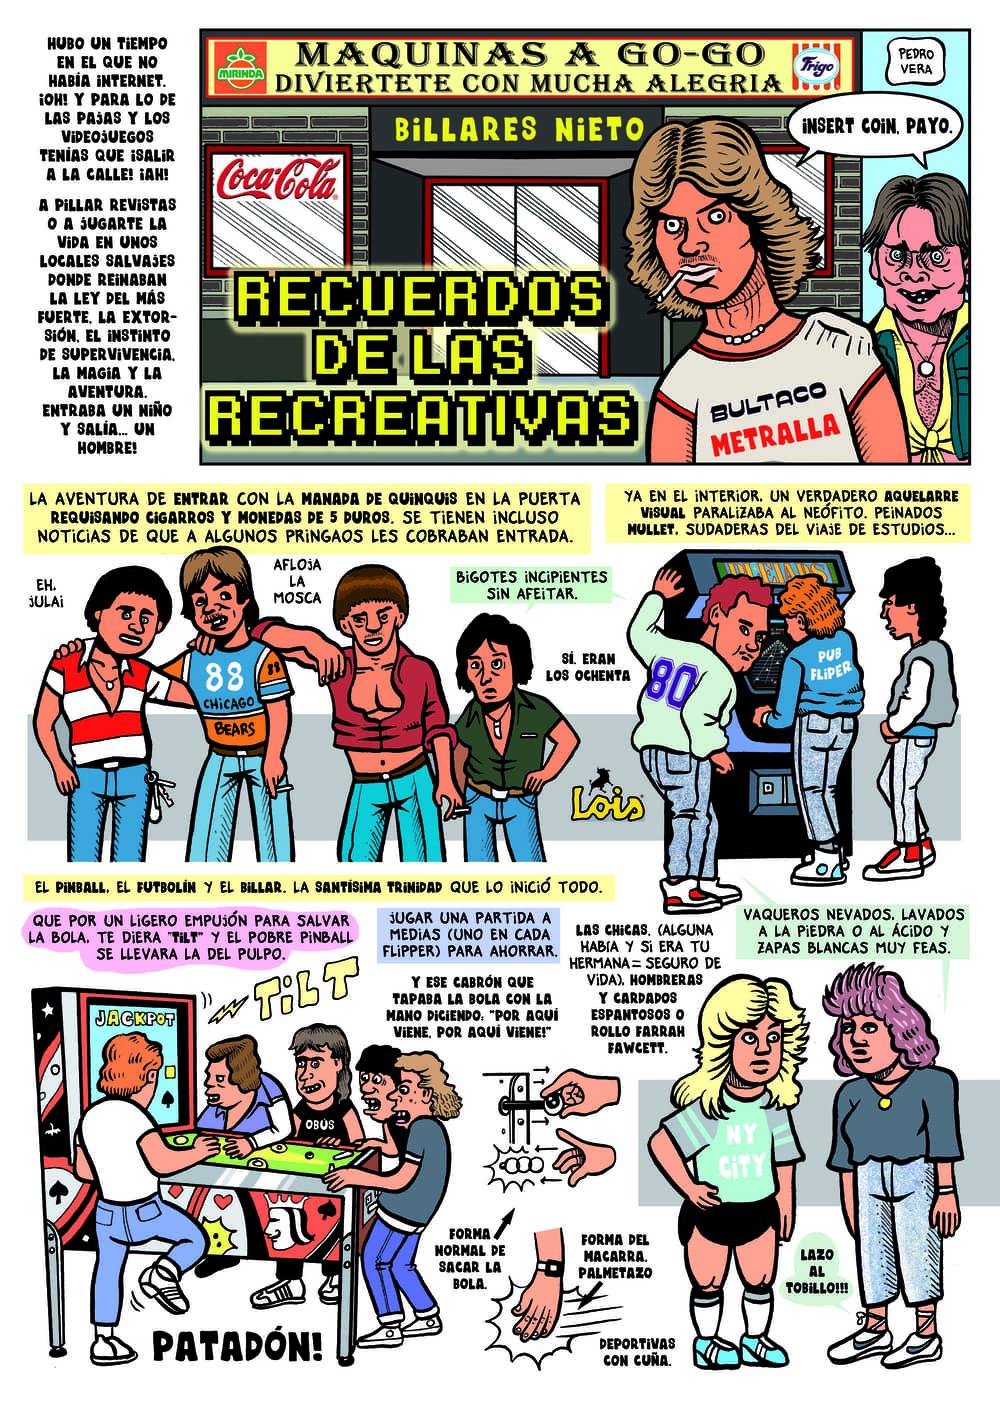 #ranciofacts sobre las máquinas recreativas de los años 80